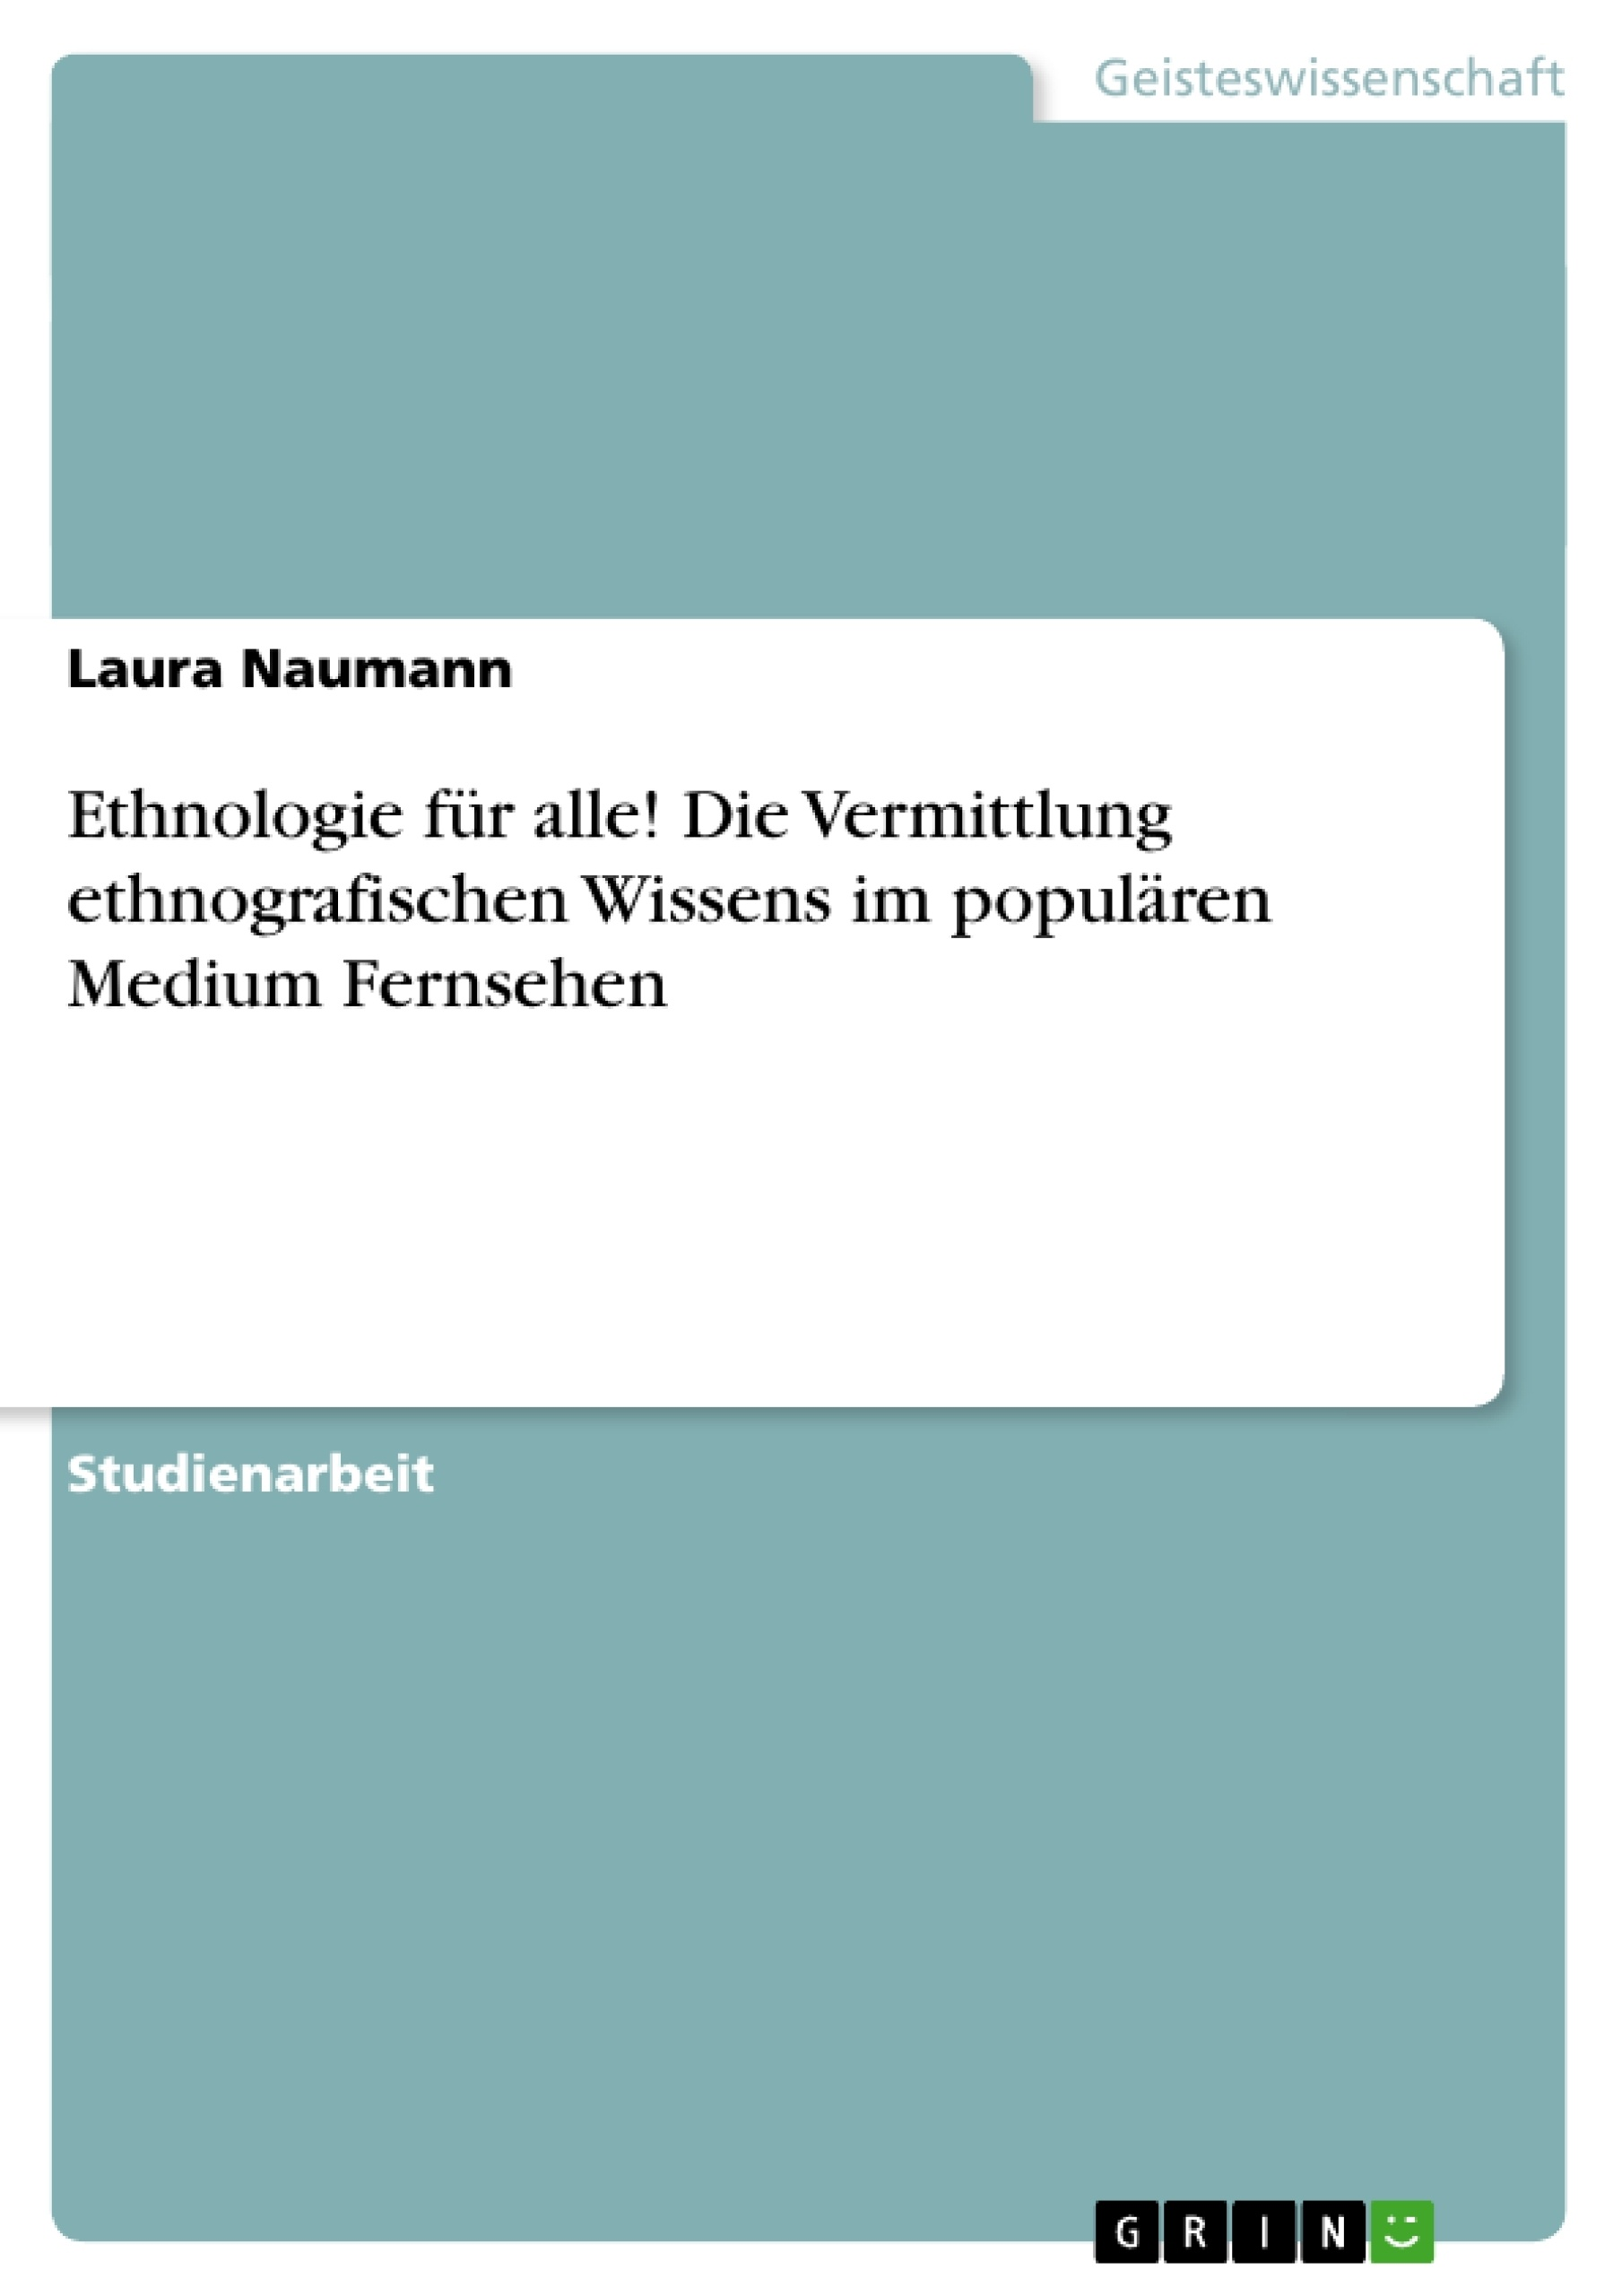 Titel: Ethnologie für alle! Die Vermittlung ethnografischen Wissens im populären Medium Fernsehen